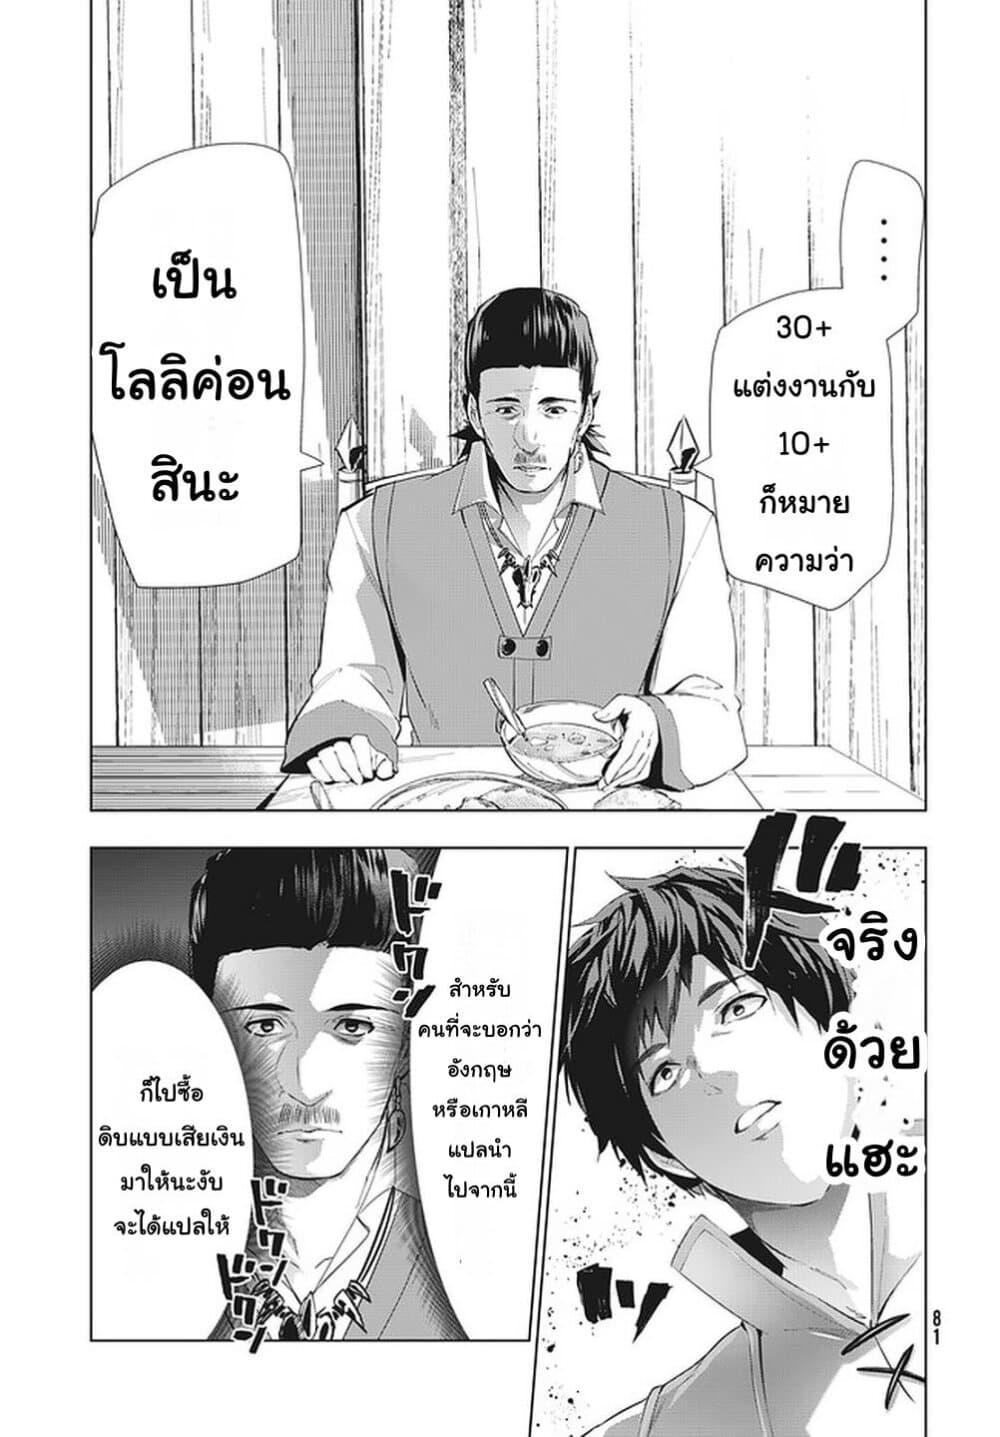 อ่านการ์ตูน Kaiko sareta Ankoku Heishi (30-dai) no Slow na Second ตอนที่ 13.1 หน้าที่ 16